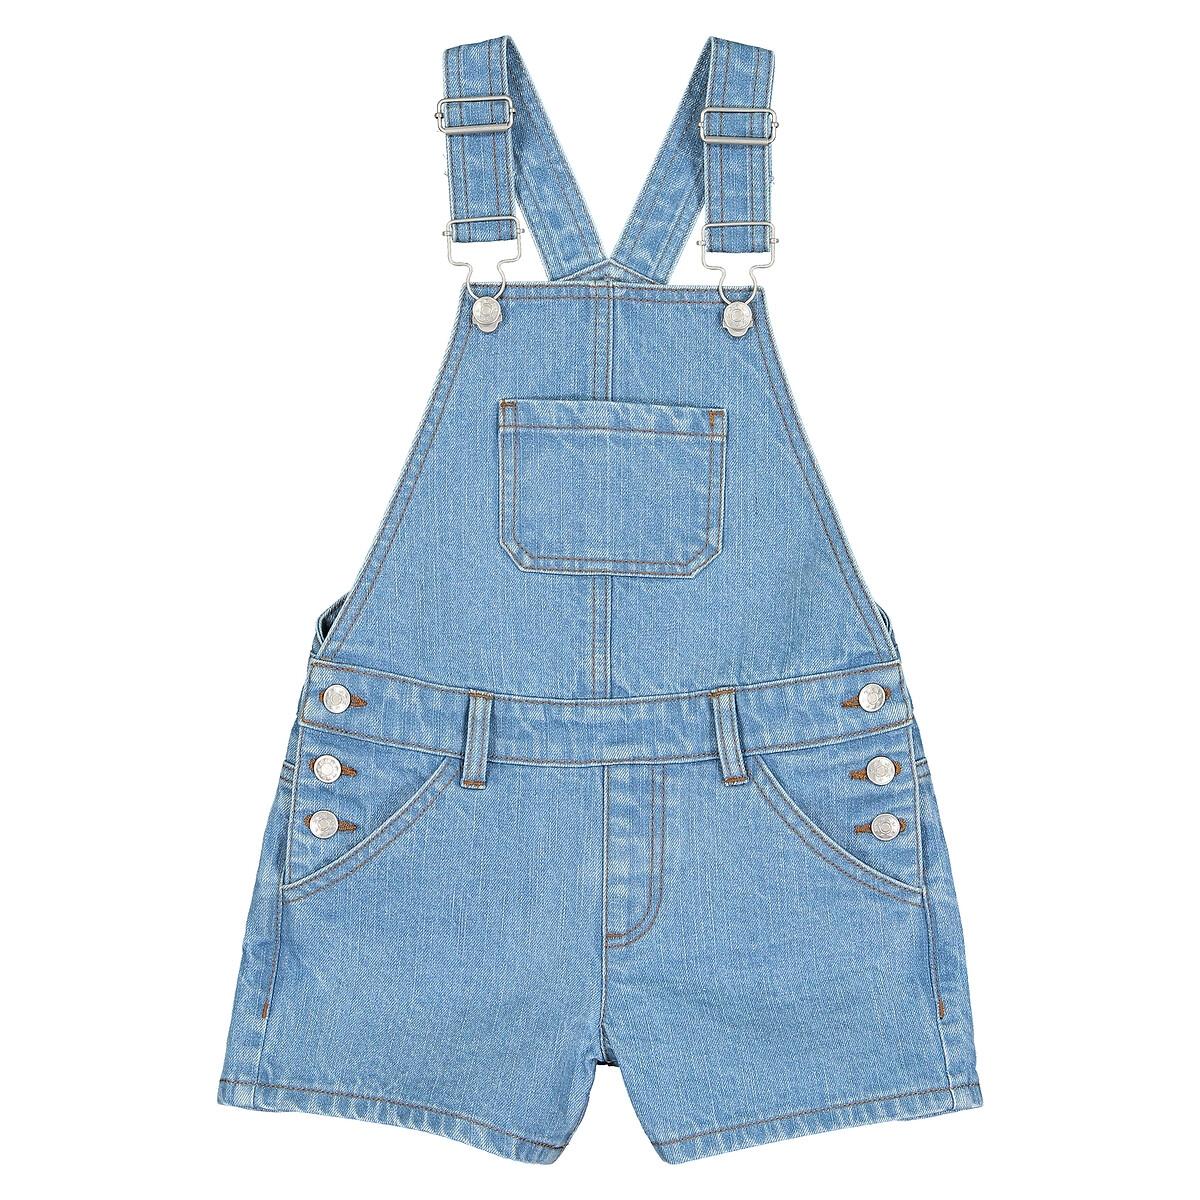 Комбинезон LaRedoute Короткий из джинсовой ткани 3-12 лет 5 синий